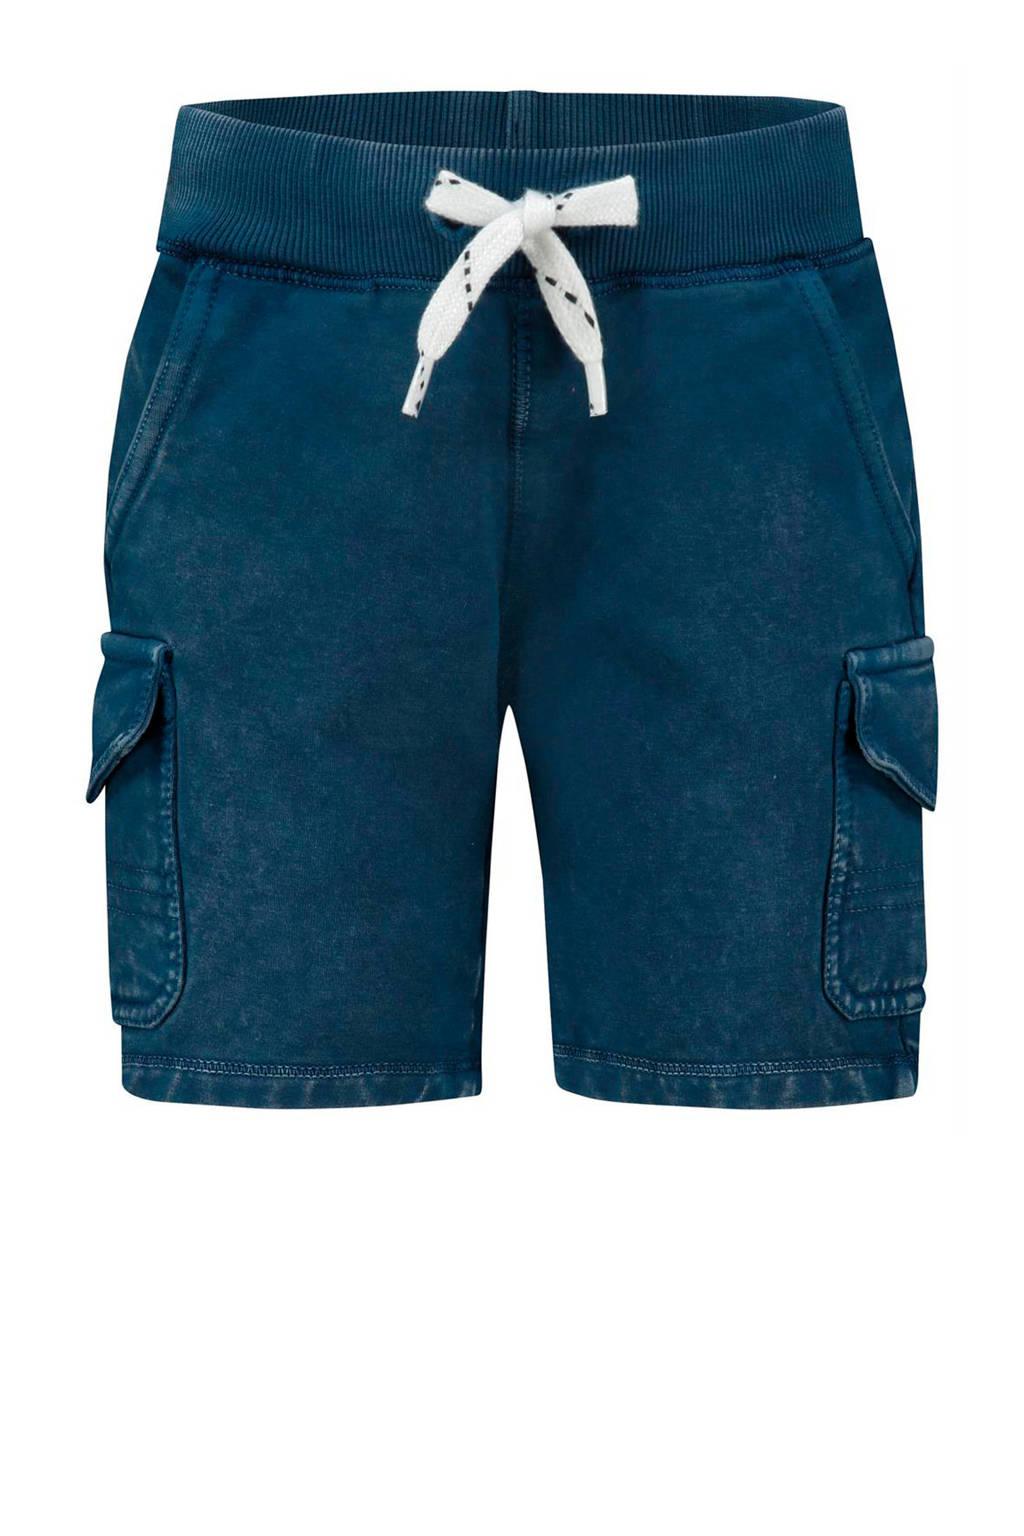 Noppies cargo sweatshort Millersville donkerblauw/wit, Donkerblauw/wit